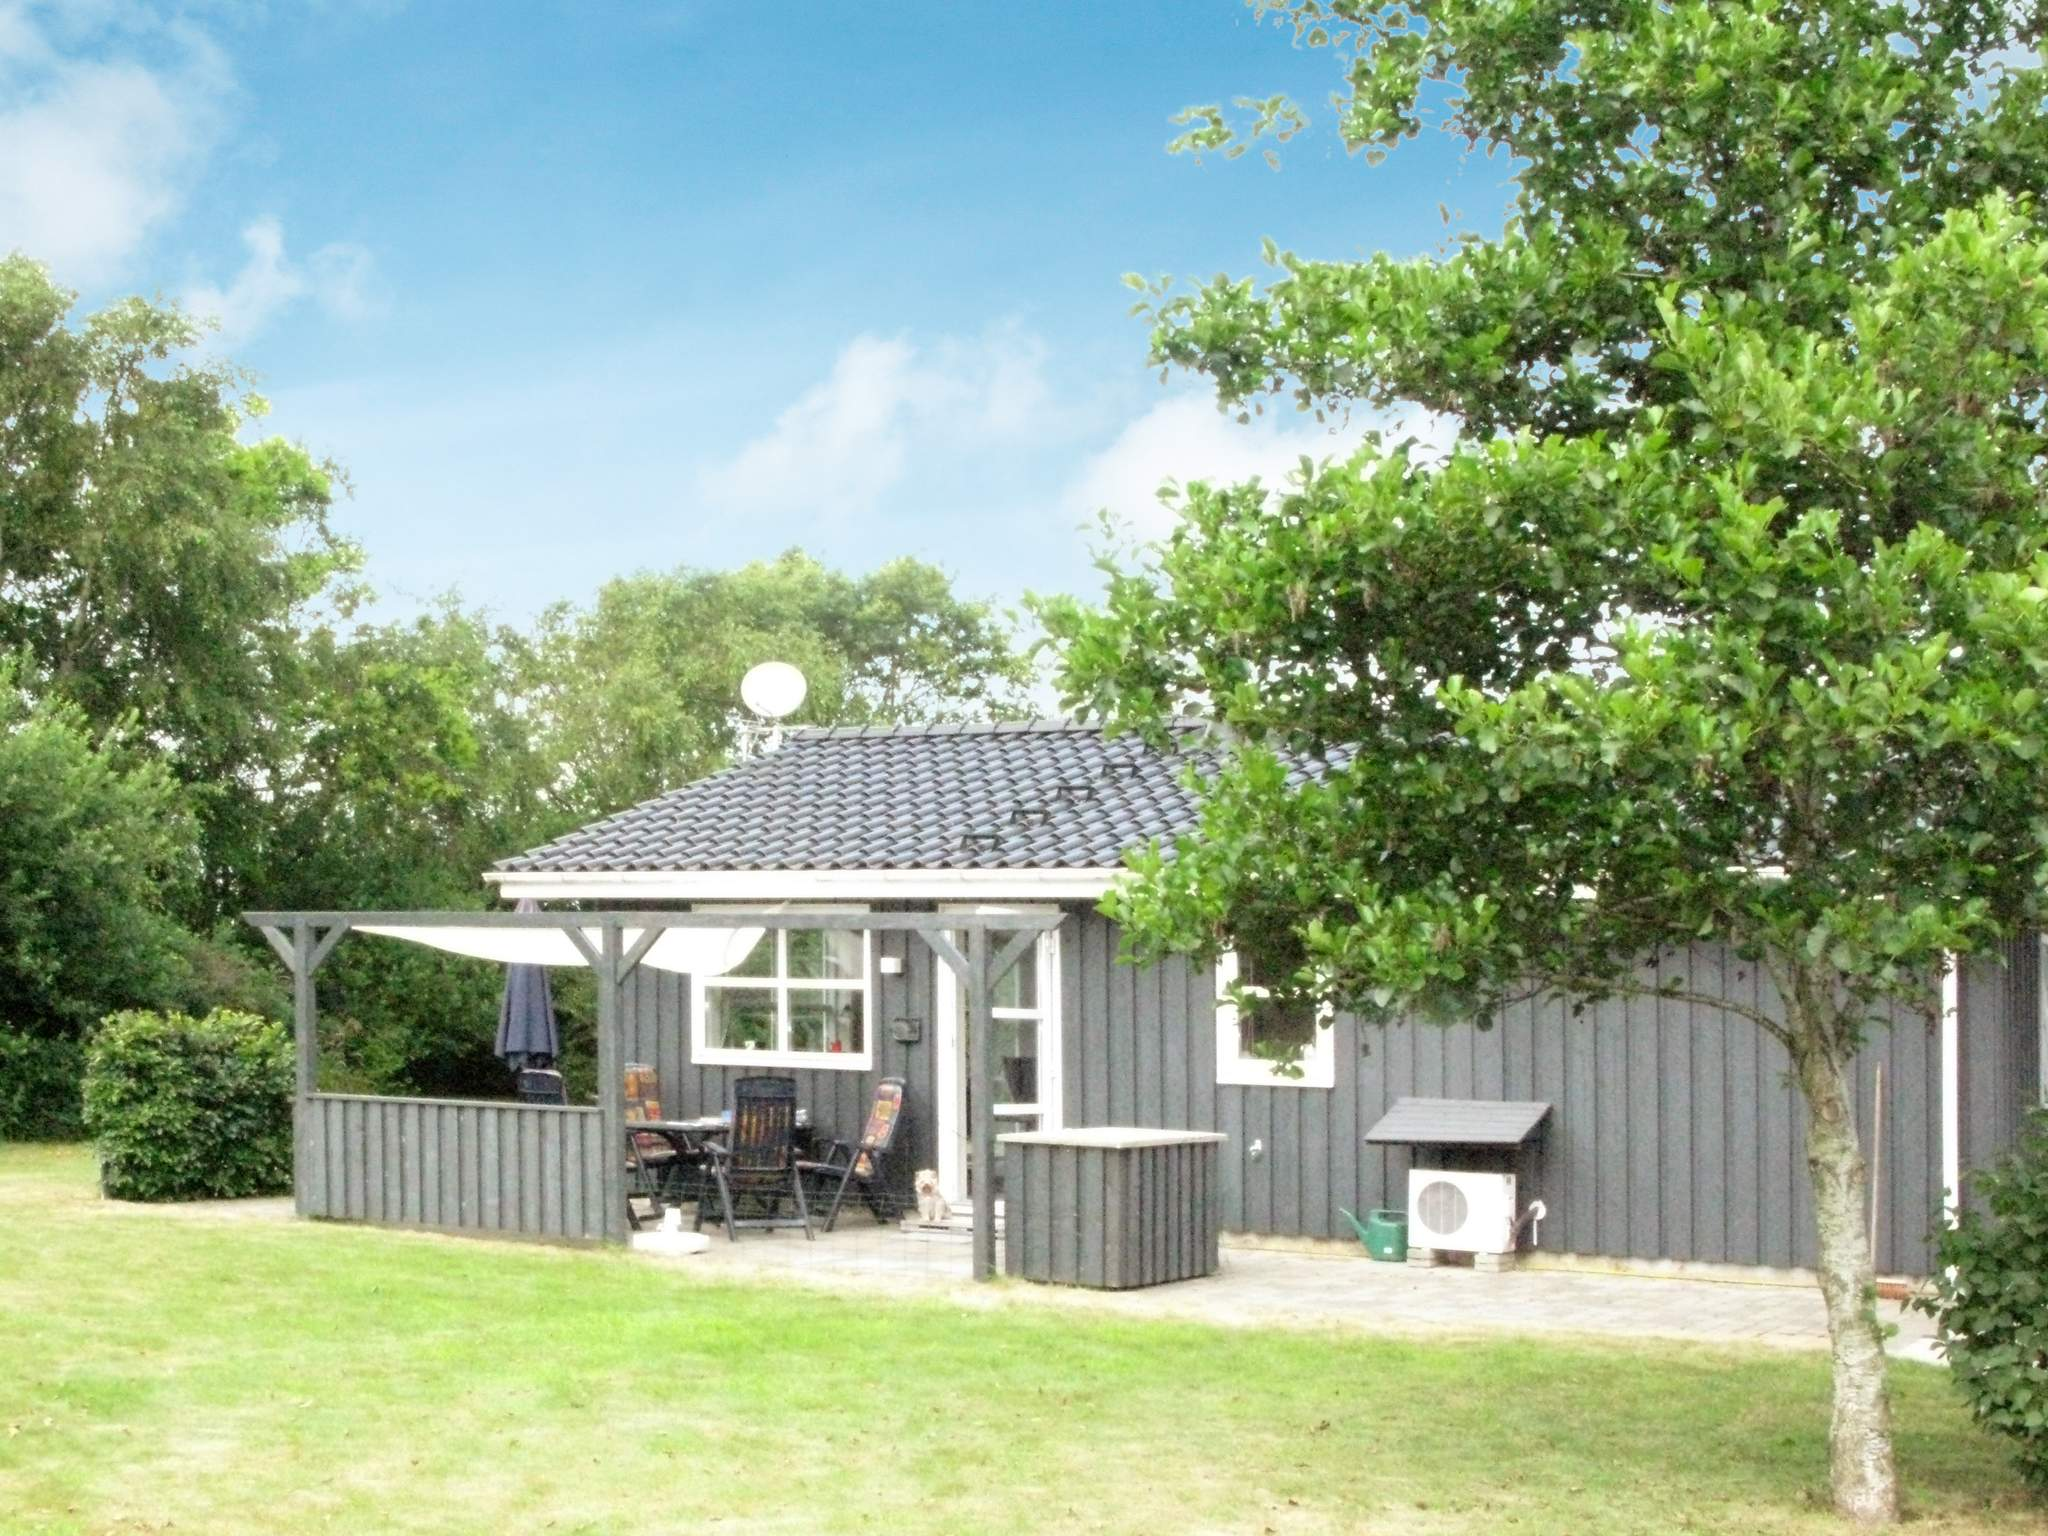 Ferienhaus Handbjerg (825571), Handbjerg, , Westjütland, Dänemark, Bild 19